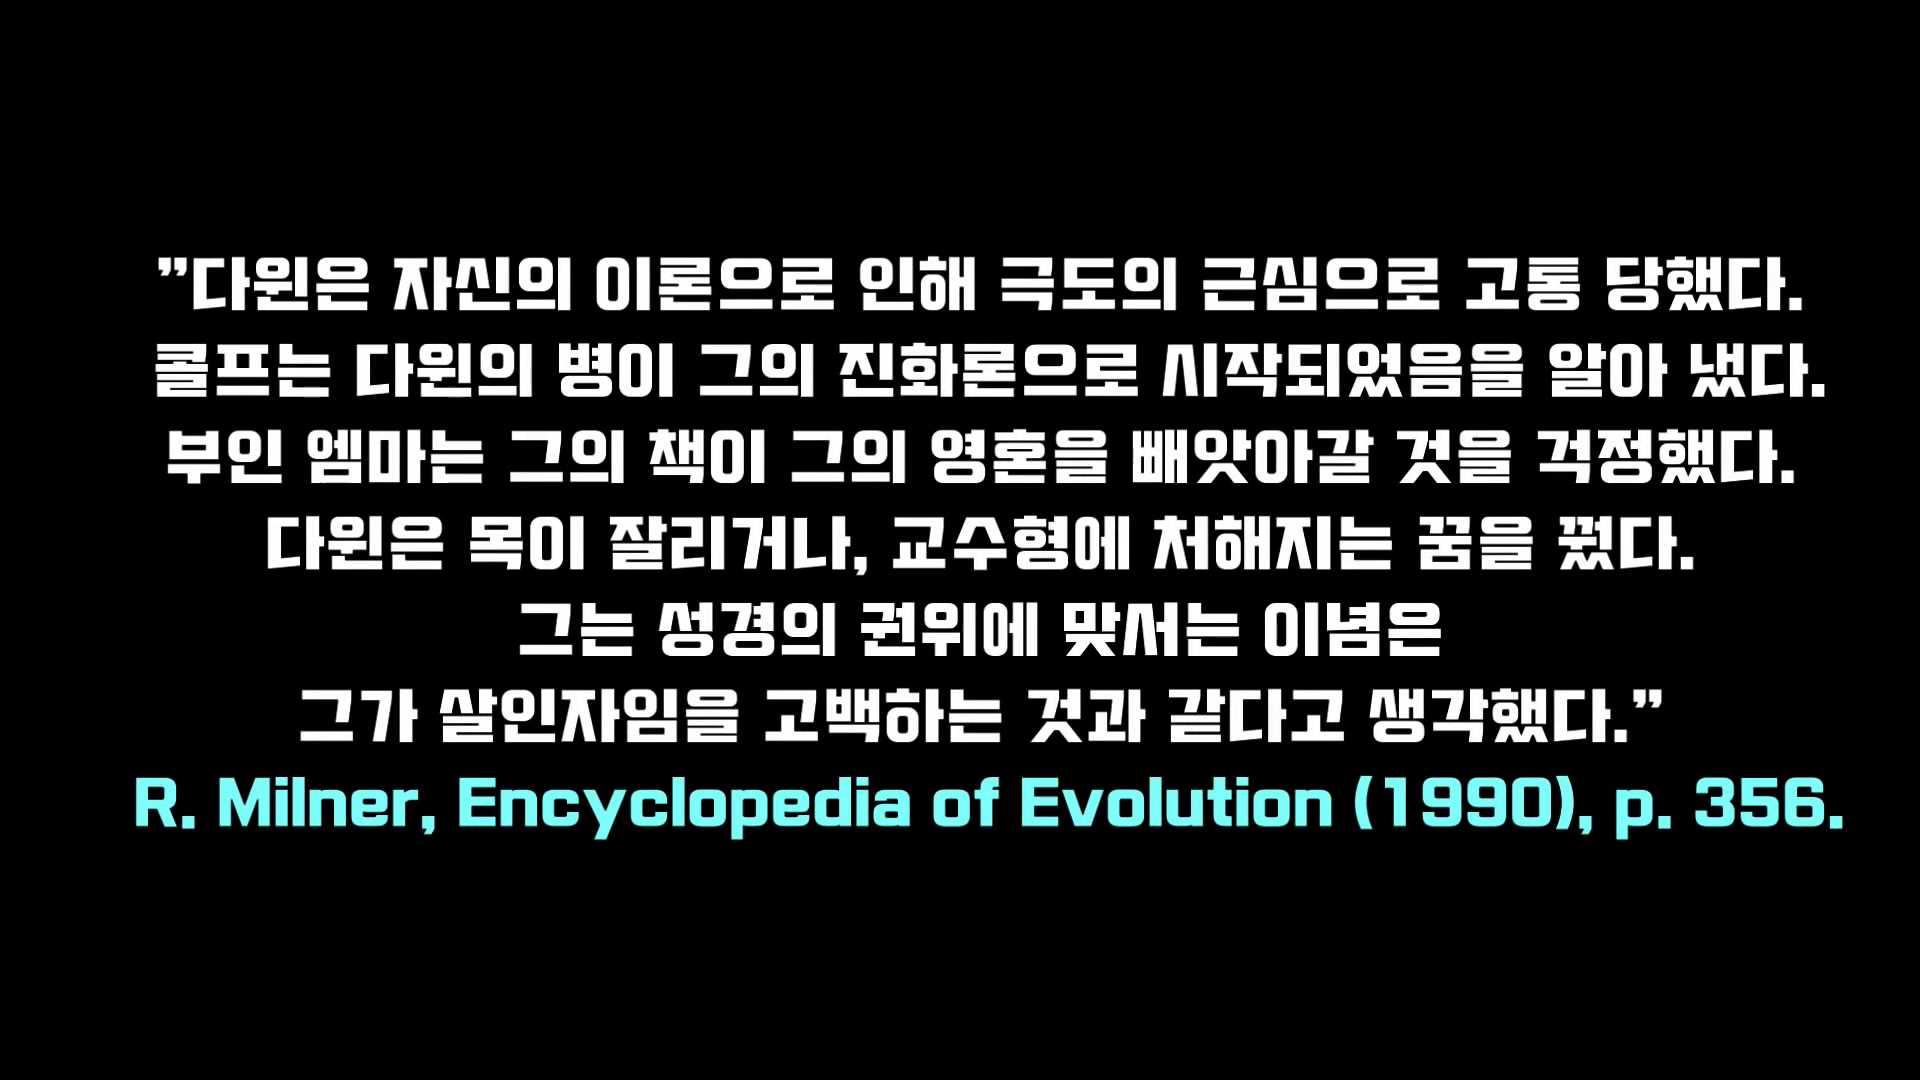 찰스 다윈의 인생과 그의 정신병.mp4_000686335.jpg